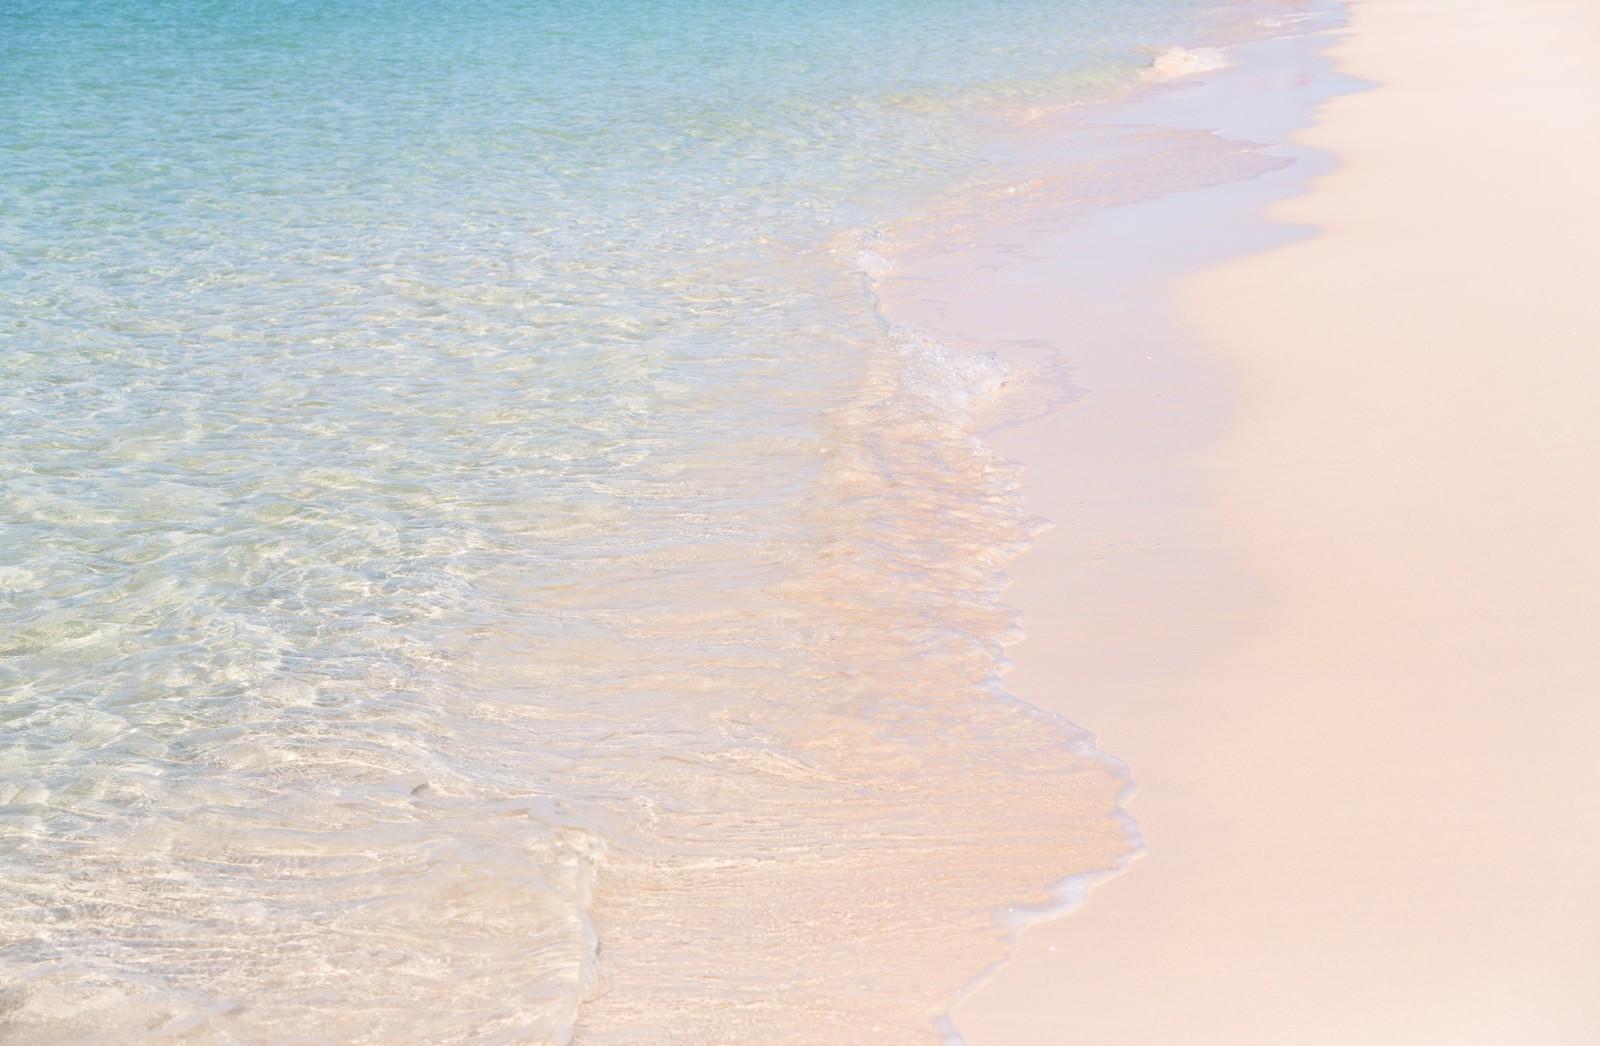 「美しい波打ち際(宮古島の前浜ビーチ)」の写真